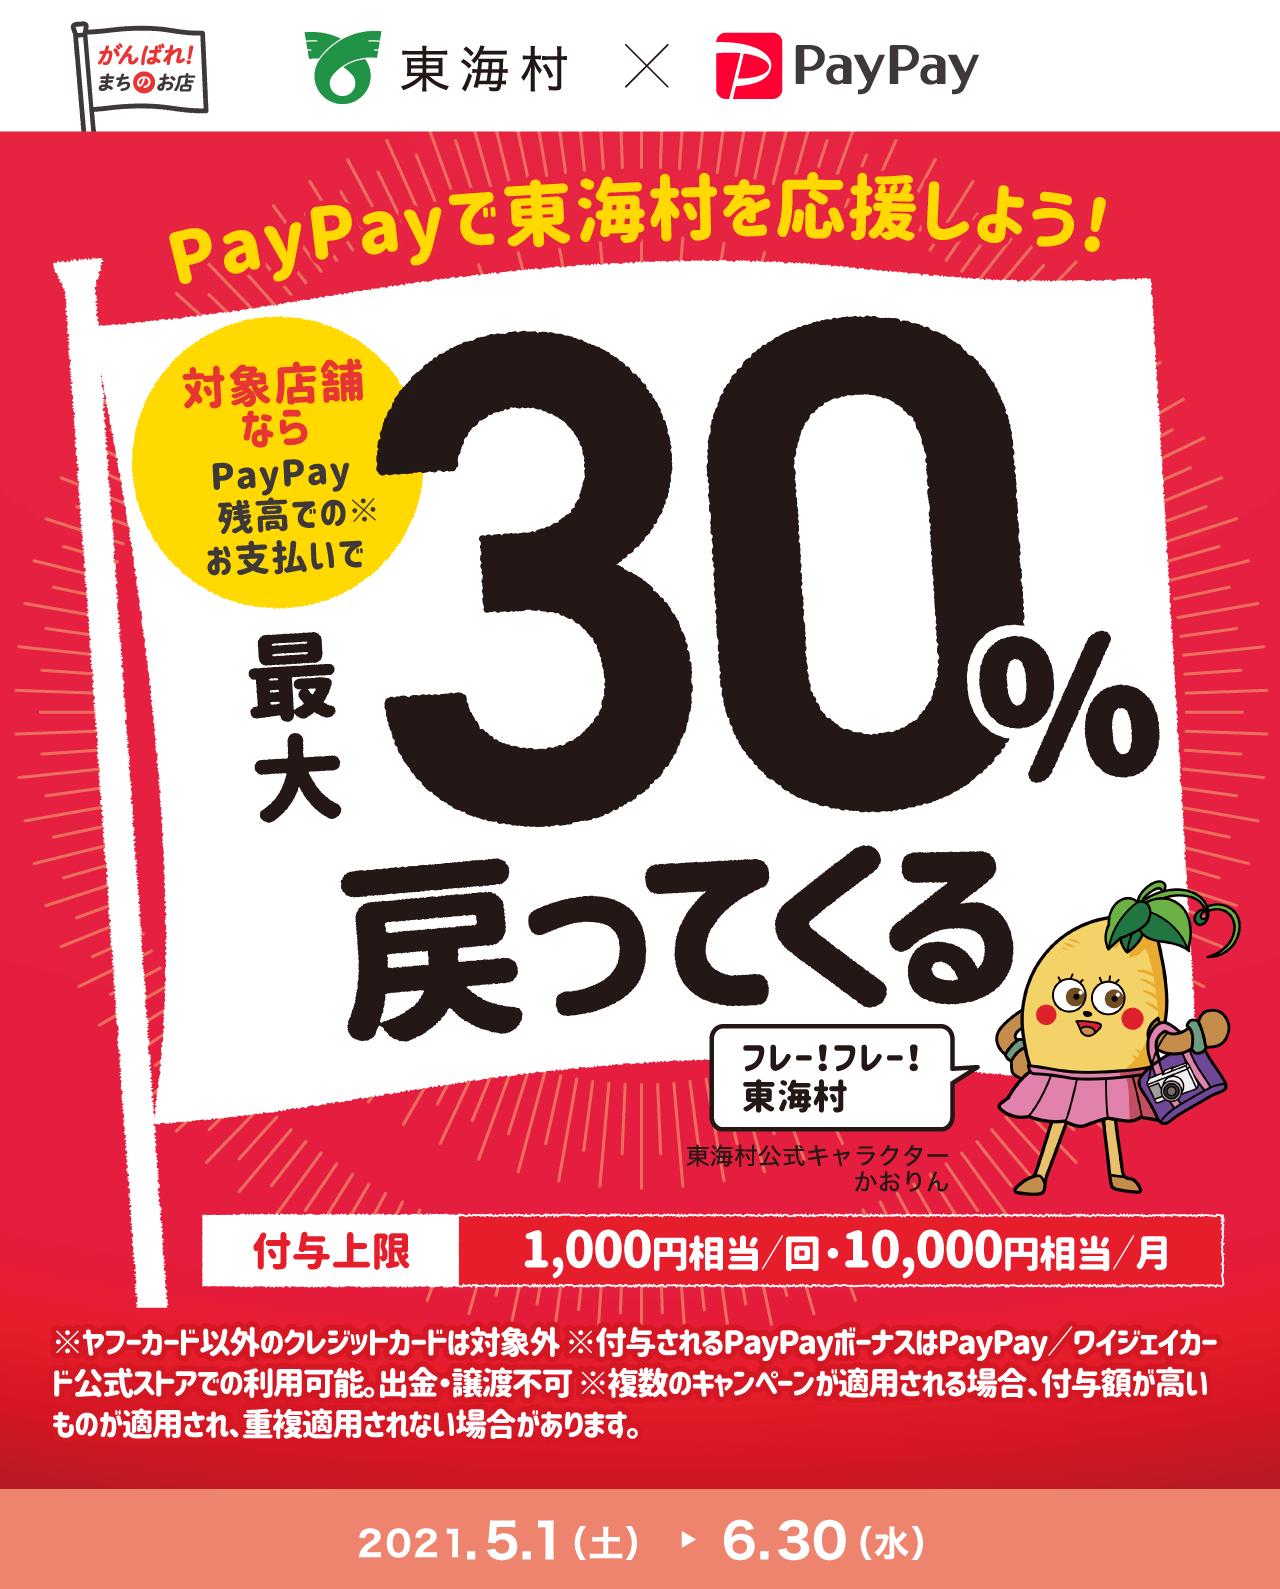 PayPayで東海村を応援しよう!対象店舗ならPayPay残高でのお支払いで最大30%戻ってくる